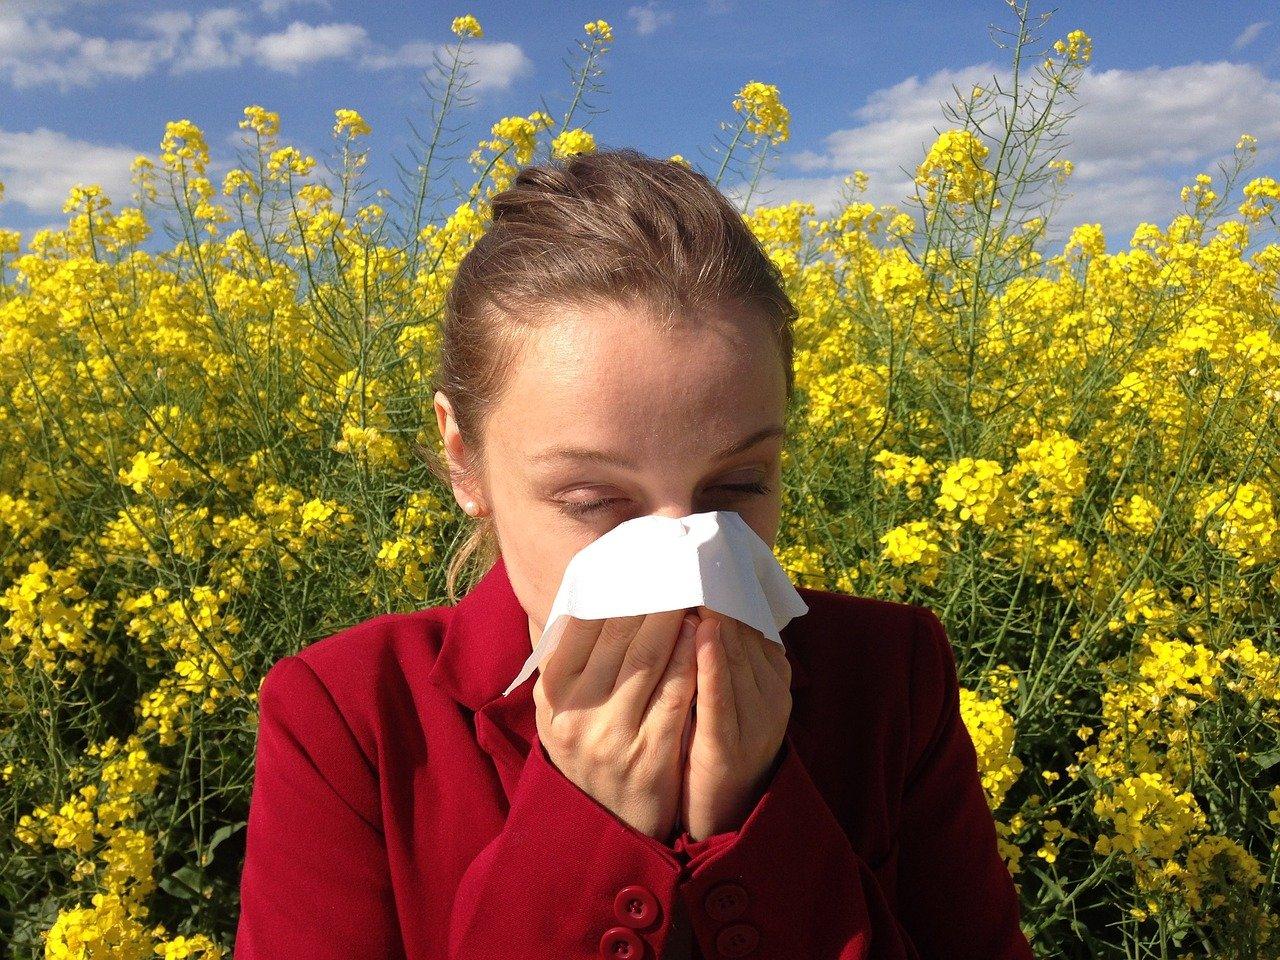 Qu'est-ce qu'une allergie? En jargon médical, on va parler d'«hypersensibilité».